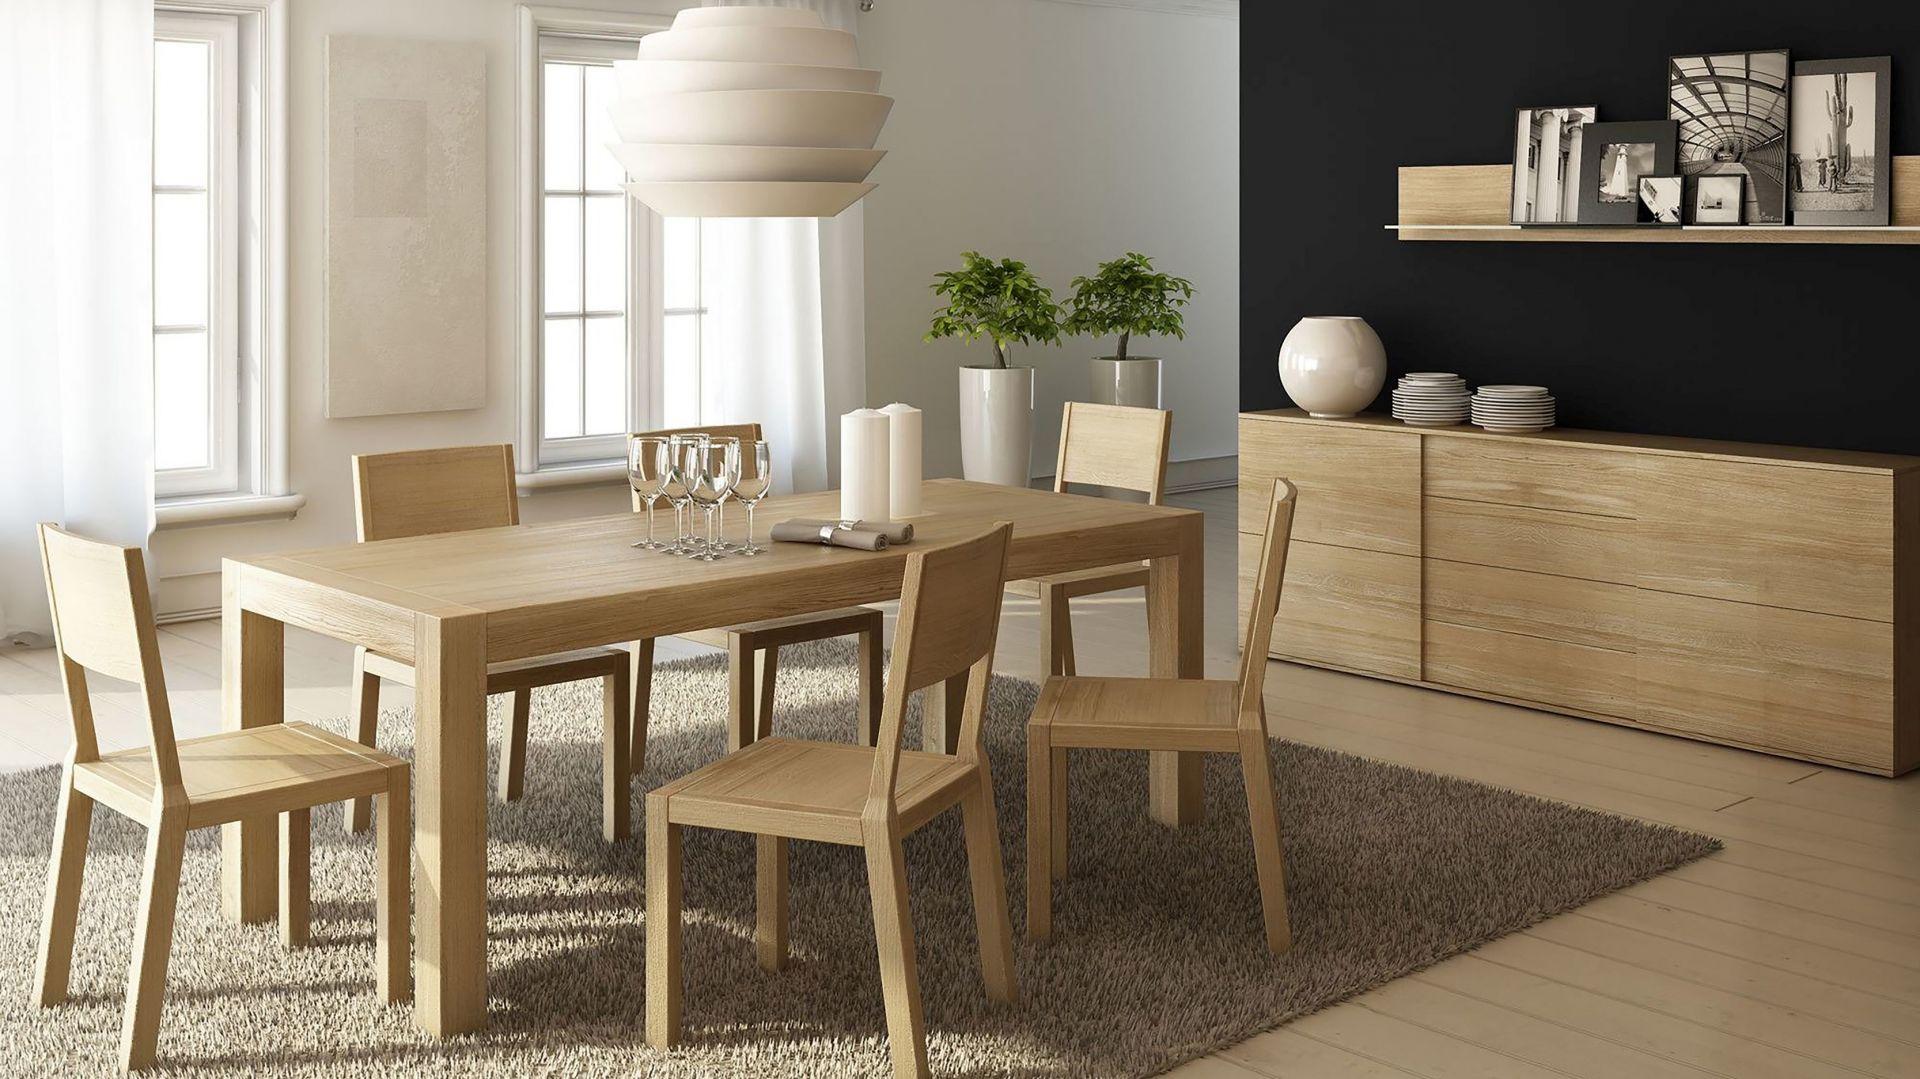 Stół dostępny w ofercie firmy Miloni. Do kupienia w salonie 9design. Fot. Miloni